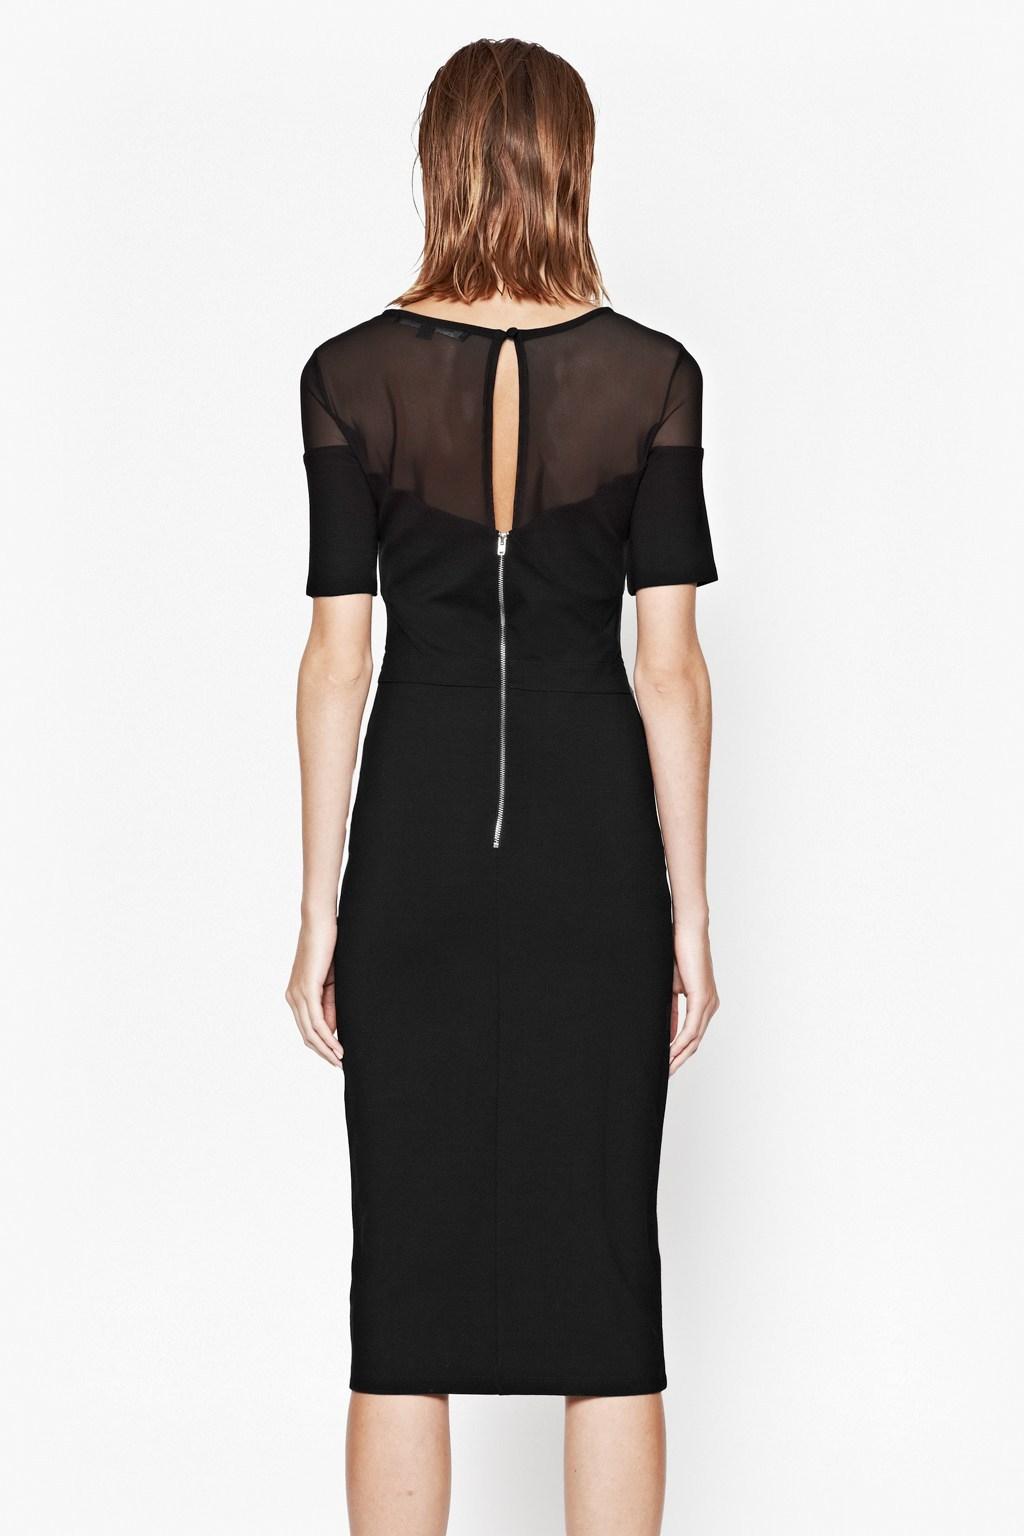 e4e7f77deb9 Lyst - French Connection Linear Mesh Midi Dress in Black